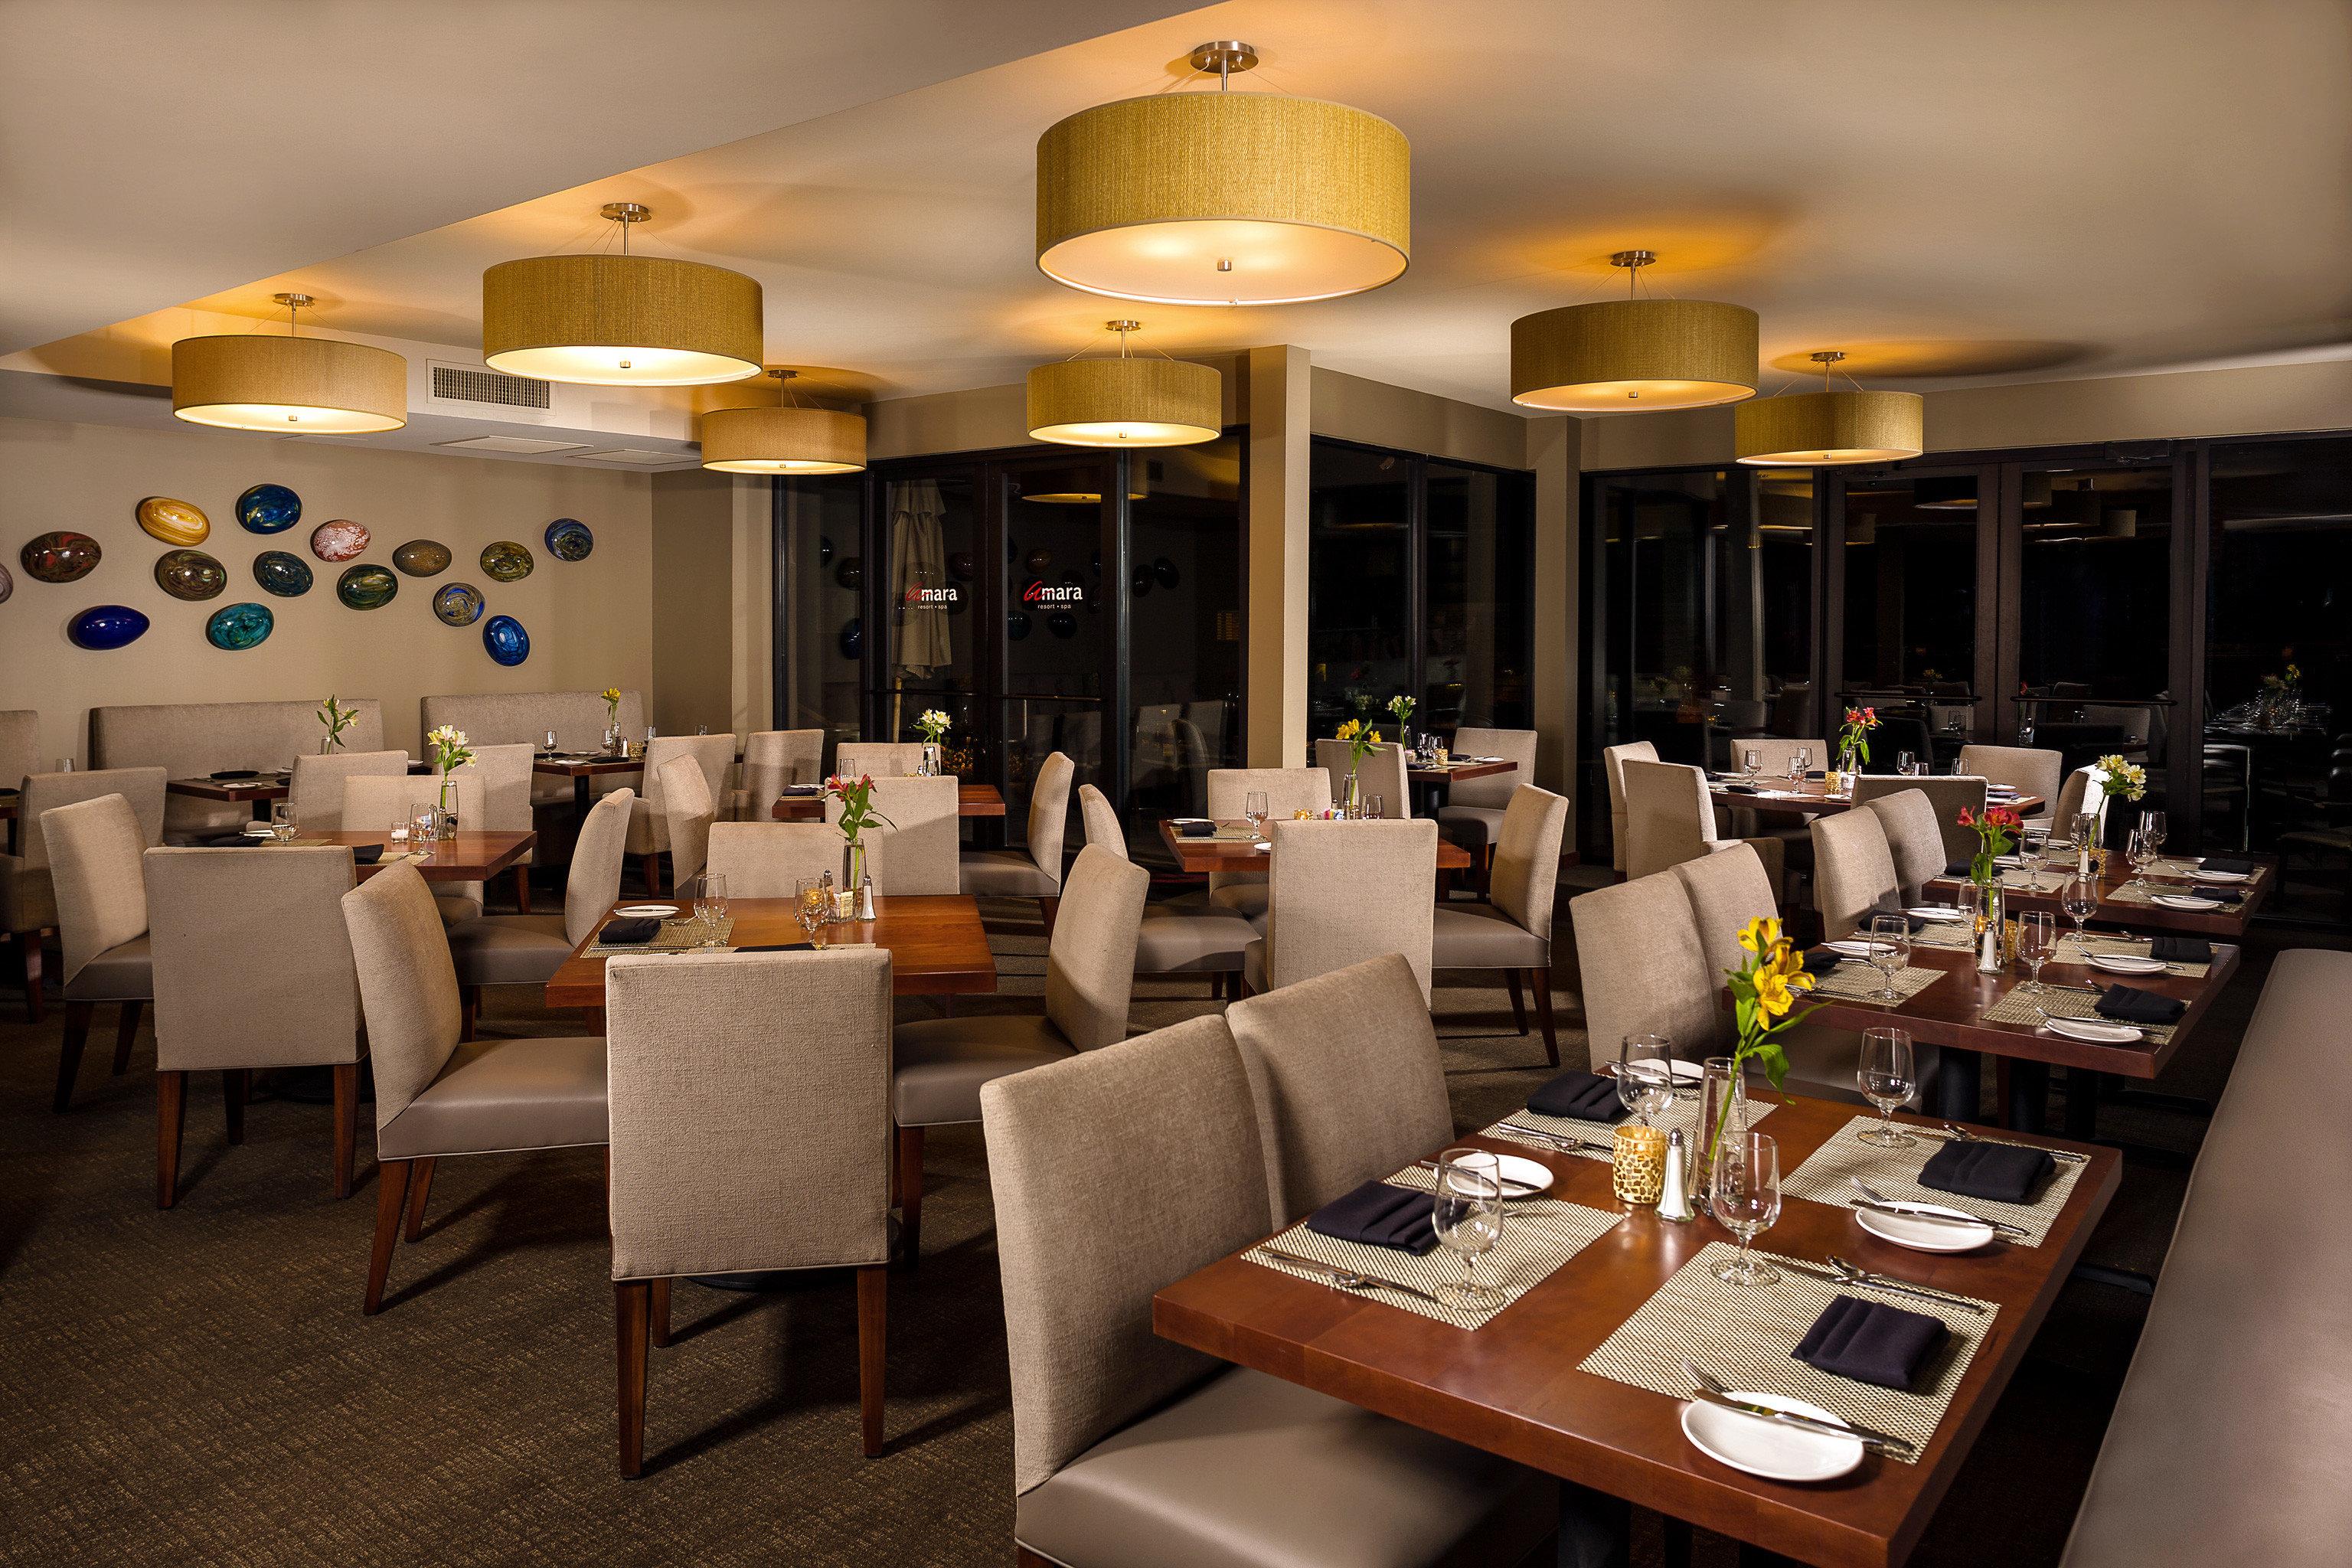 Dining Eat Modern restaurant café function hall Lobby